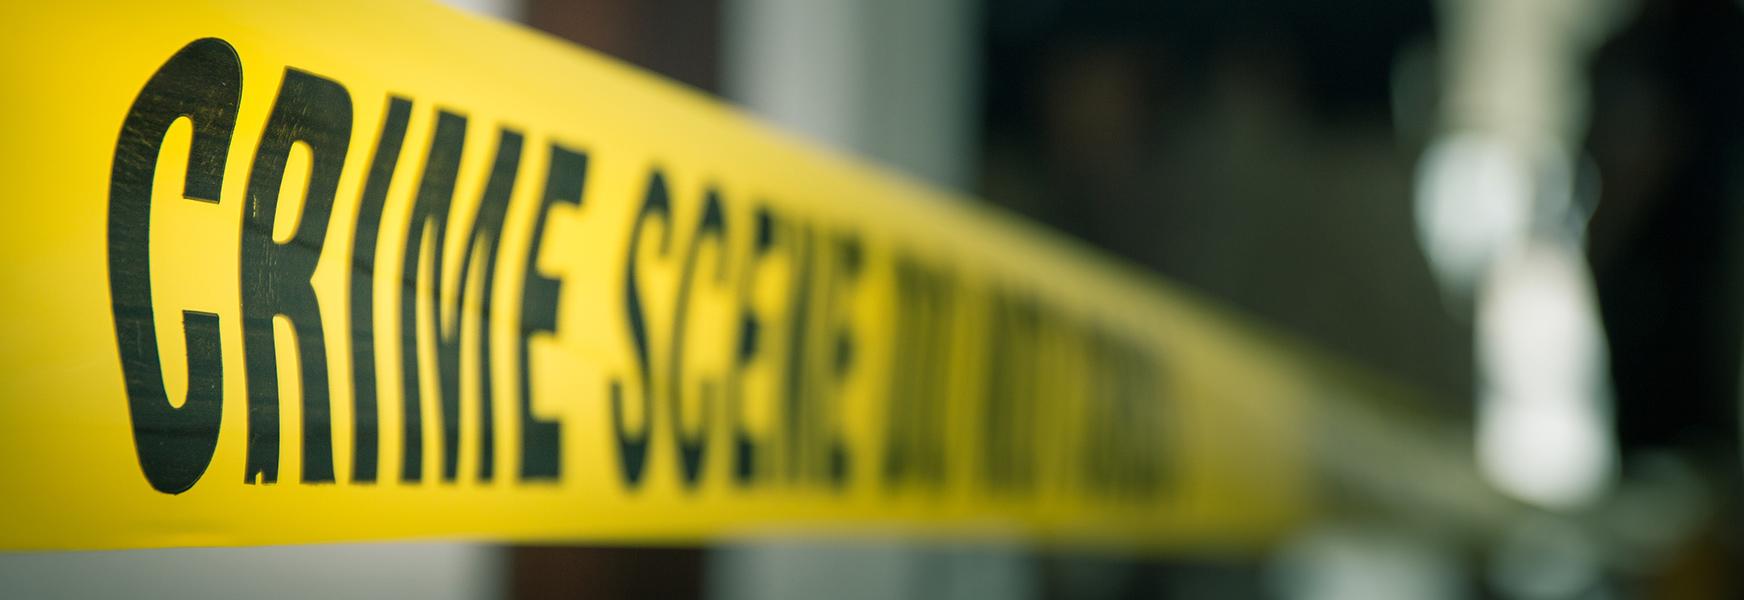 crime scene tape hanging in office